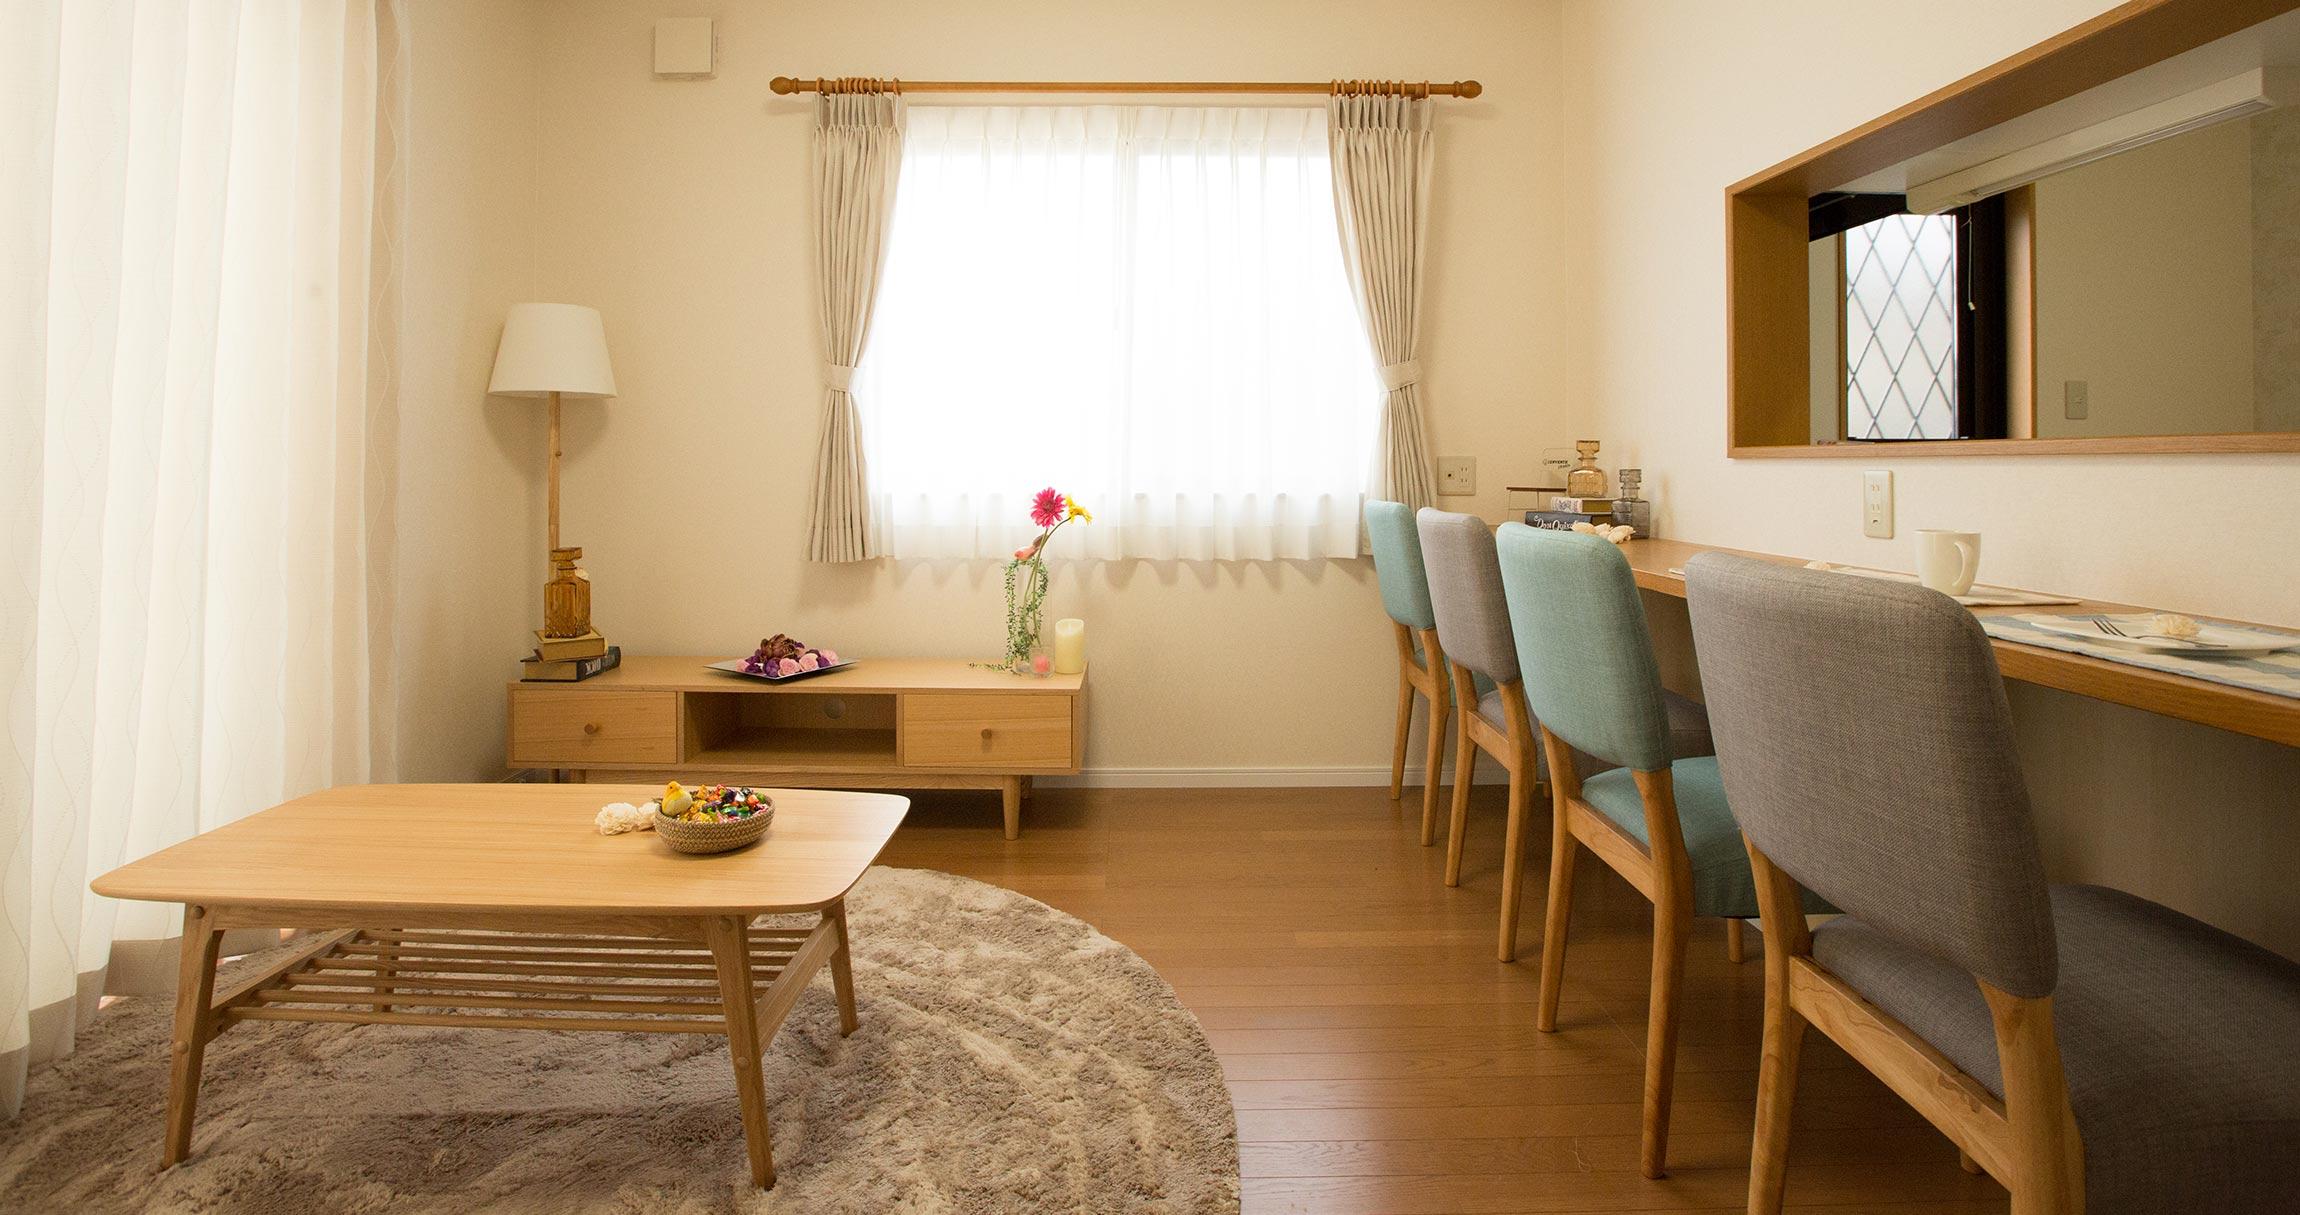 画像:共働き夫婦が親と一緒に住める家